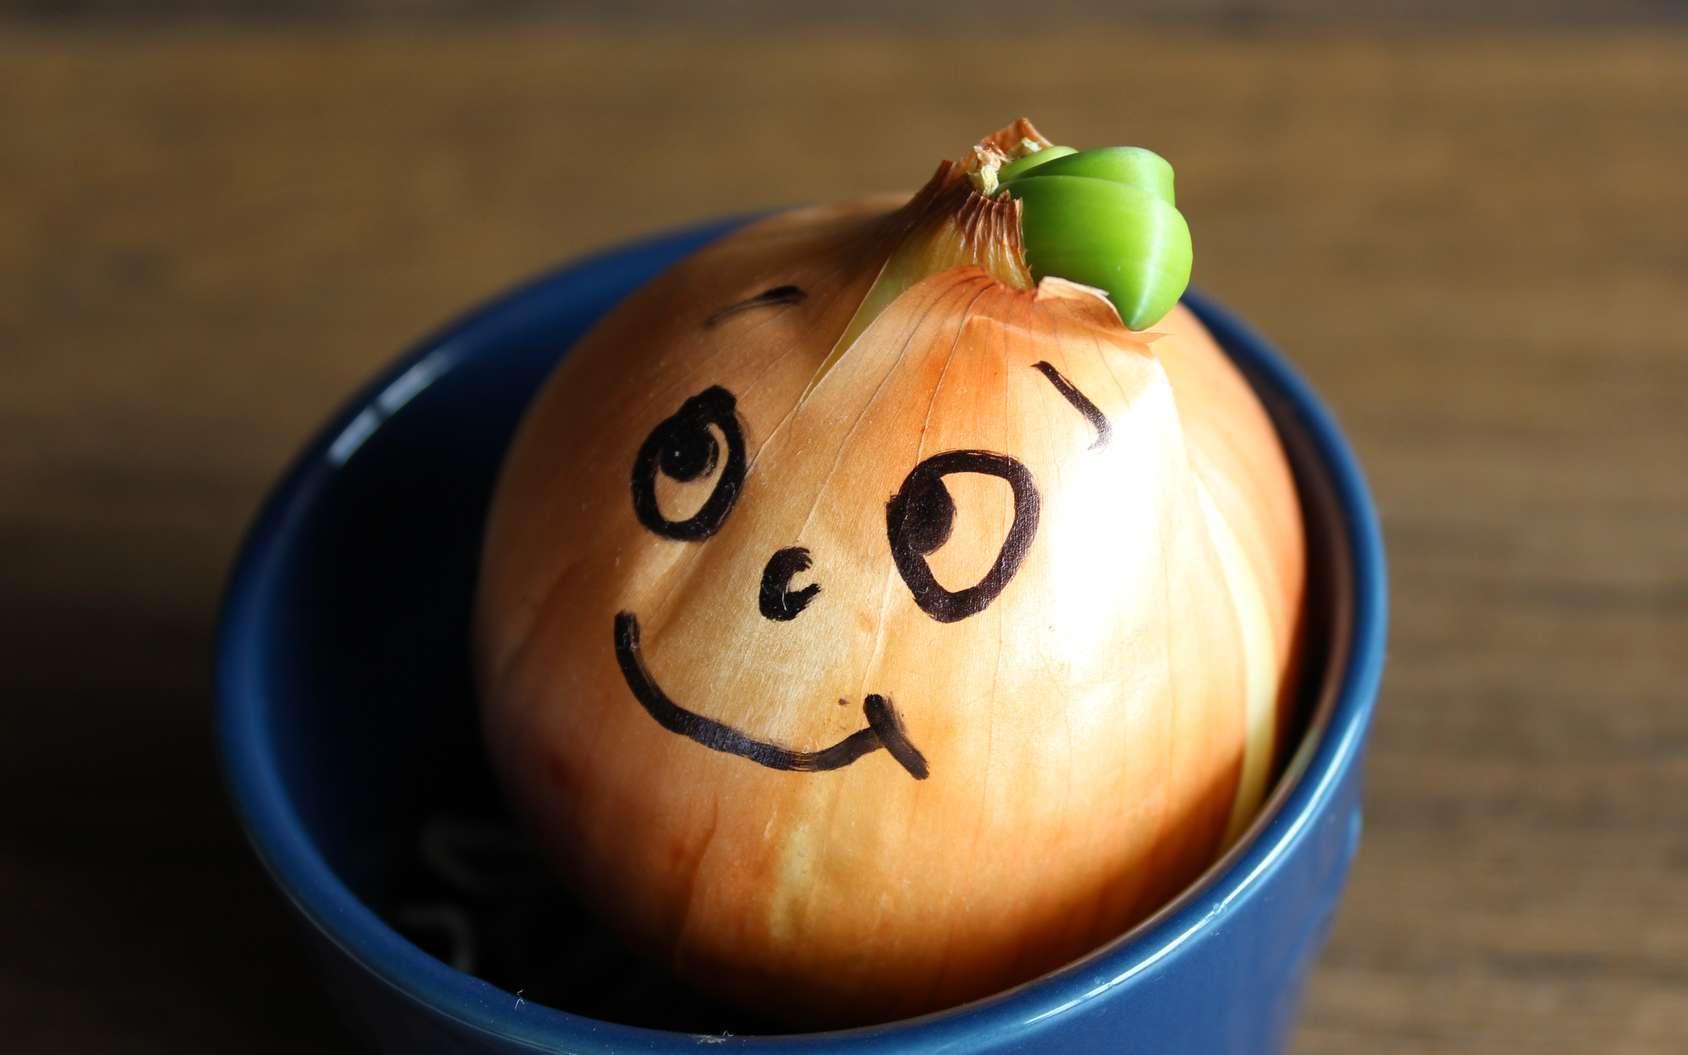 Couper un oignon lorsque l'on cuisine fait pleurer. Cela est dû à la formation d'un gaz irritant : le sulfate d'allyle. © Татьяна Тихомирова, fotolia